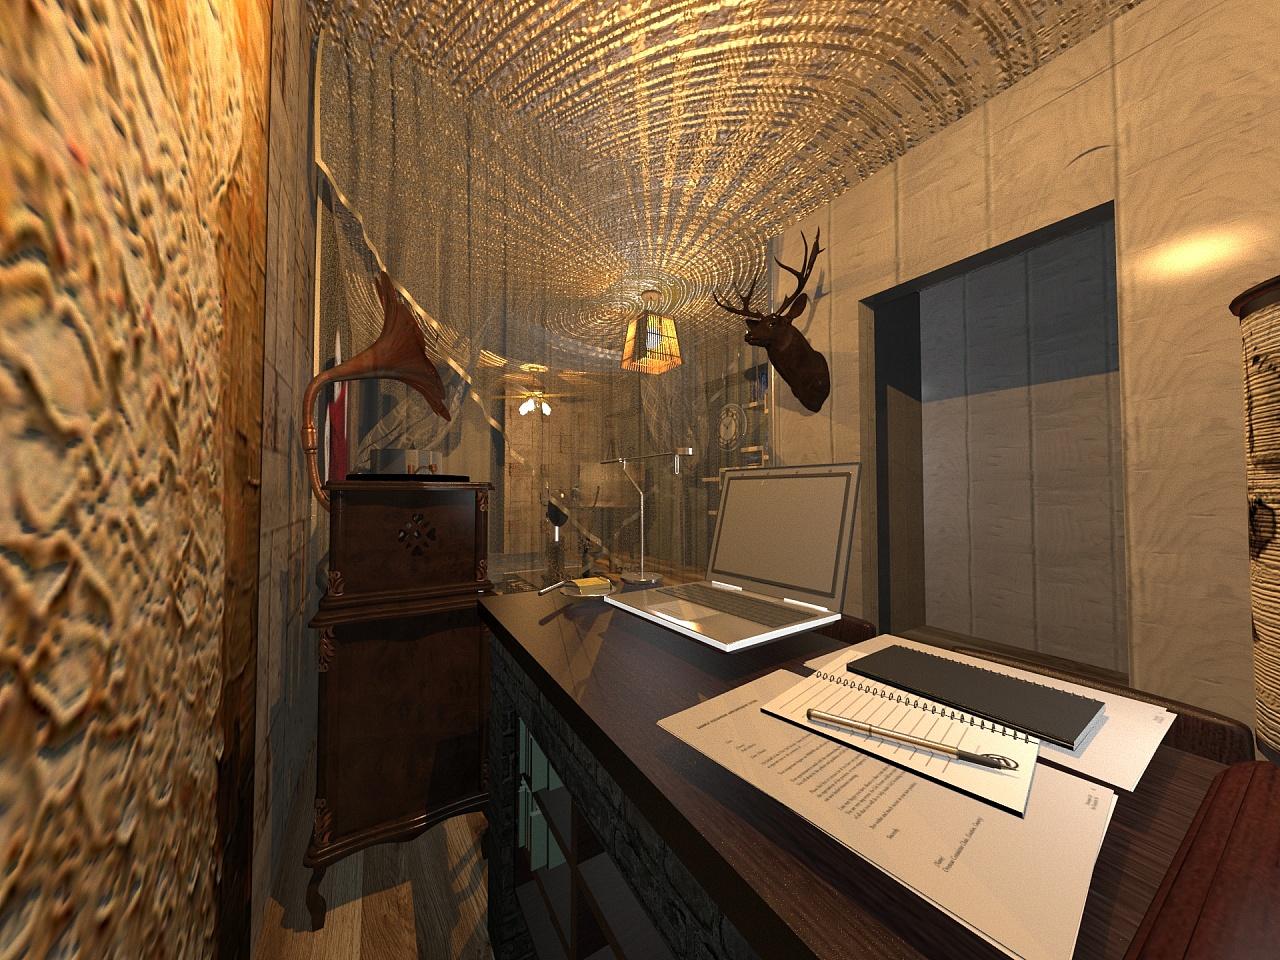 createur文艺工作室3d设计图